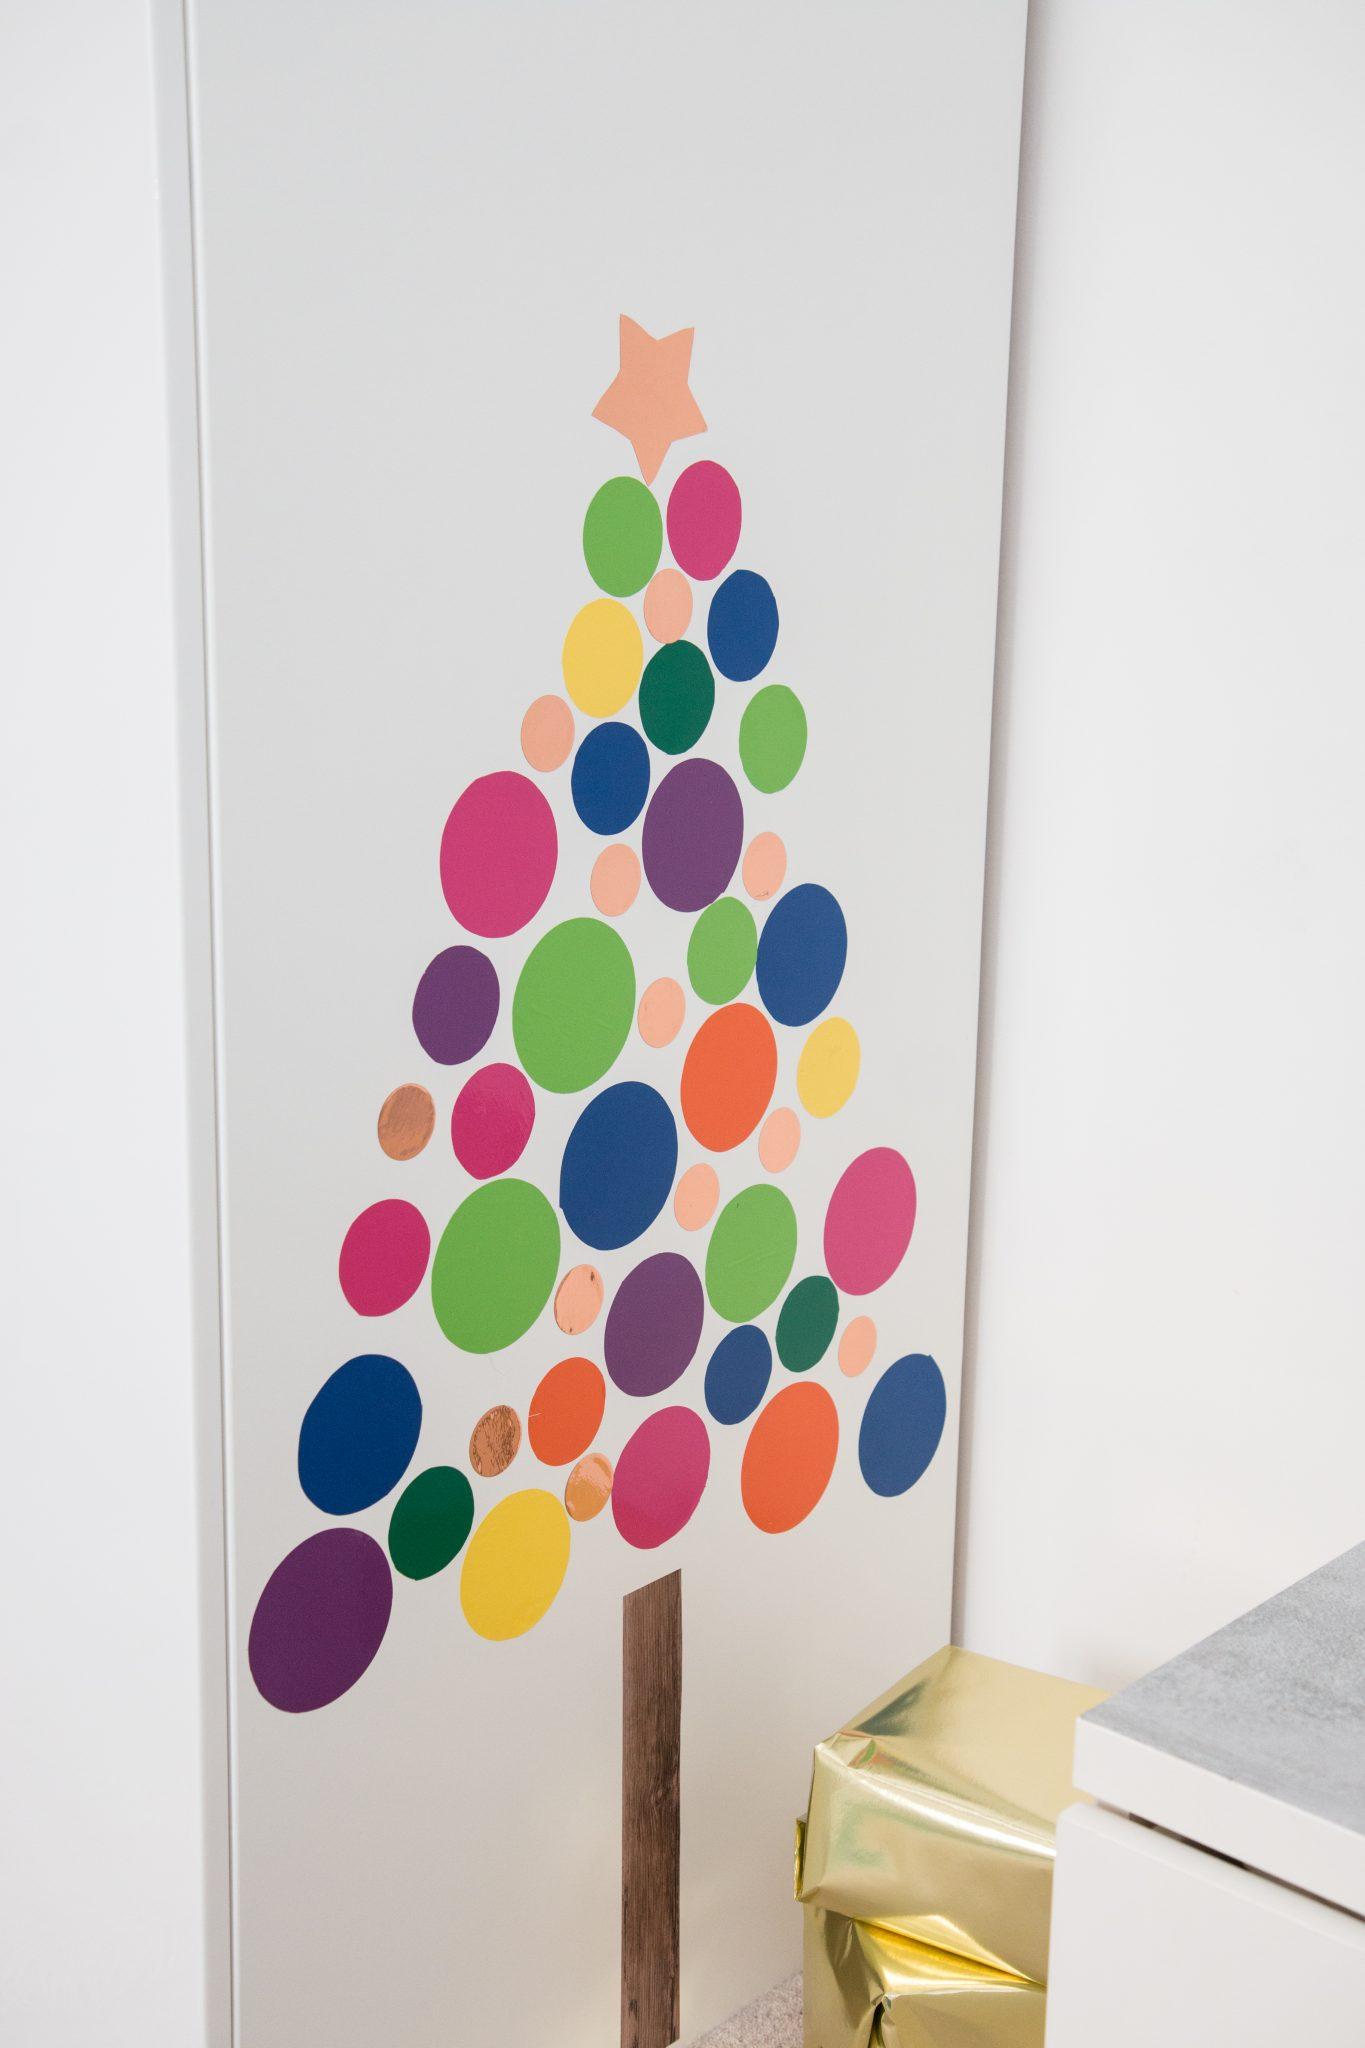 Verschiedene bunte Kreise aus d-c-fix® Klebefolien in Form eines Weihnachtsbaums arrangiert und aufgeklebt.